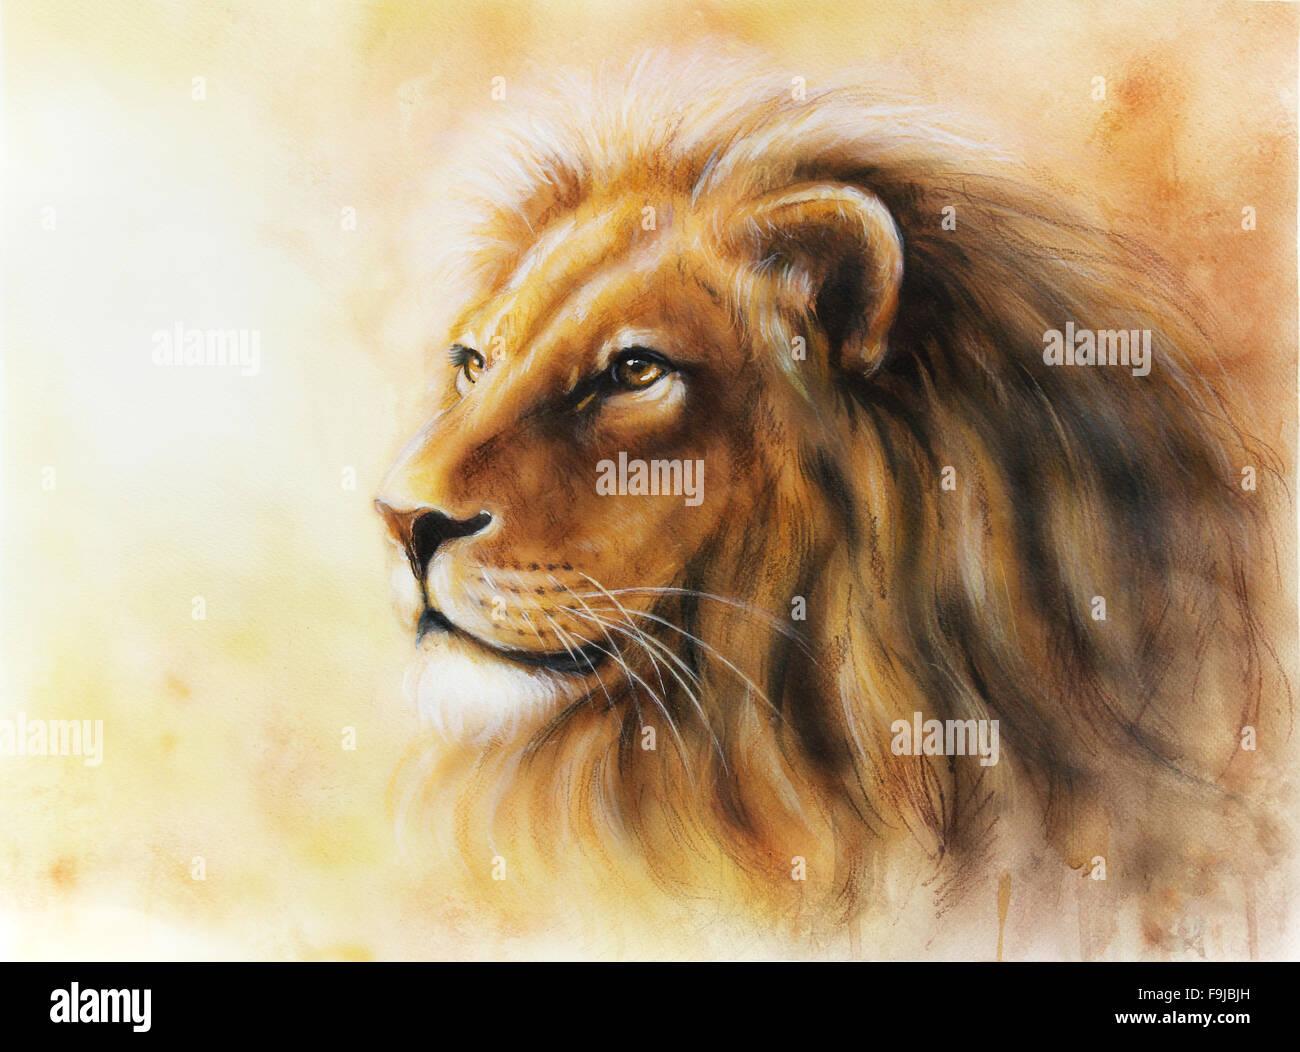 Lion Color Painting Profile Portrait Stock Photo 91988025